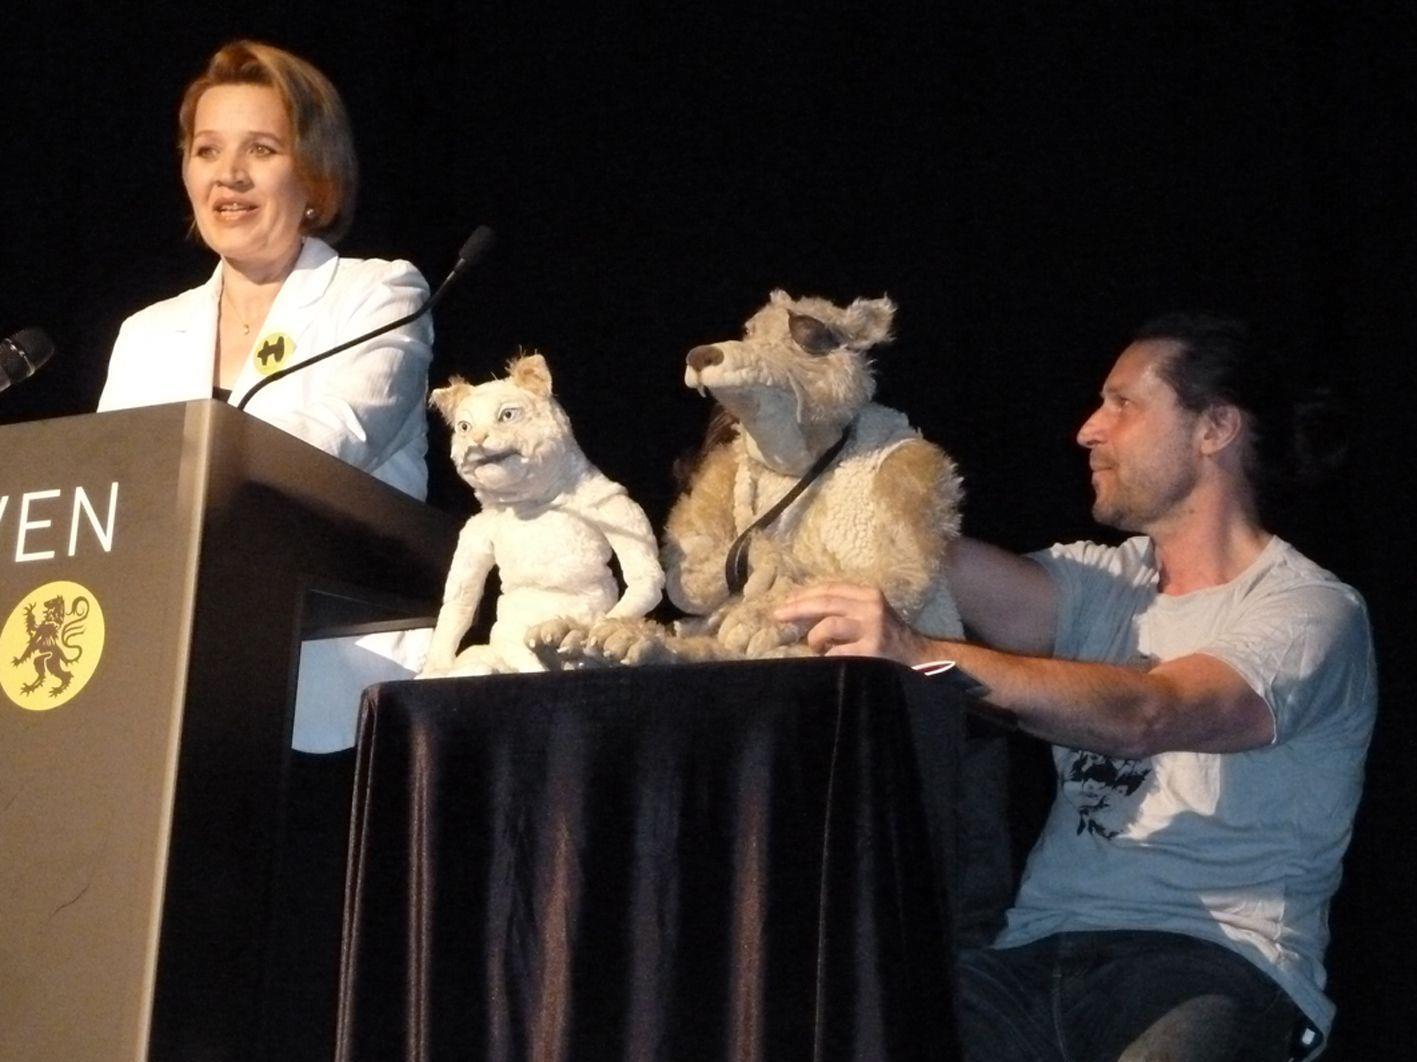 Kultur-Landesrätin Andrea Kaufmann mit ihren Co-Moderatoren Katze und Wolf bei der Begrüßung.